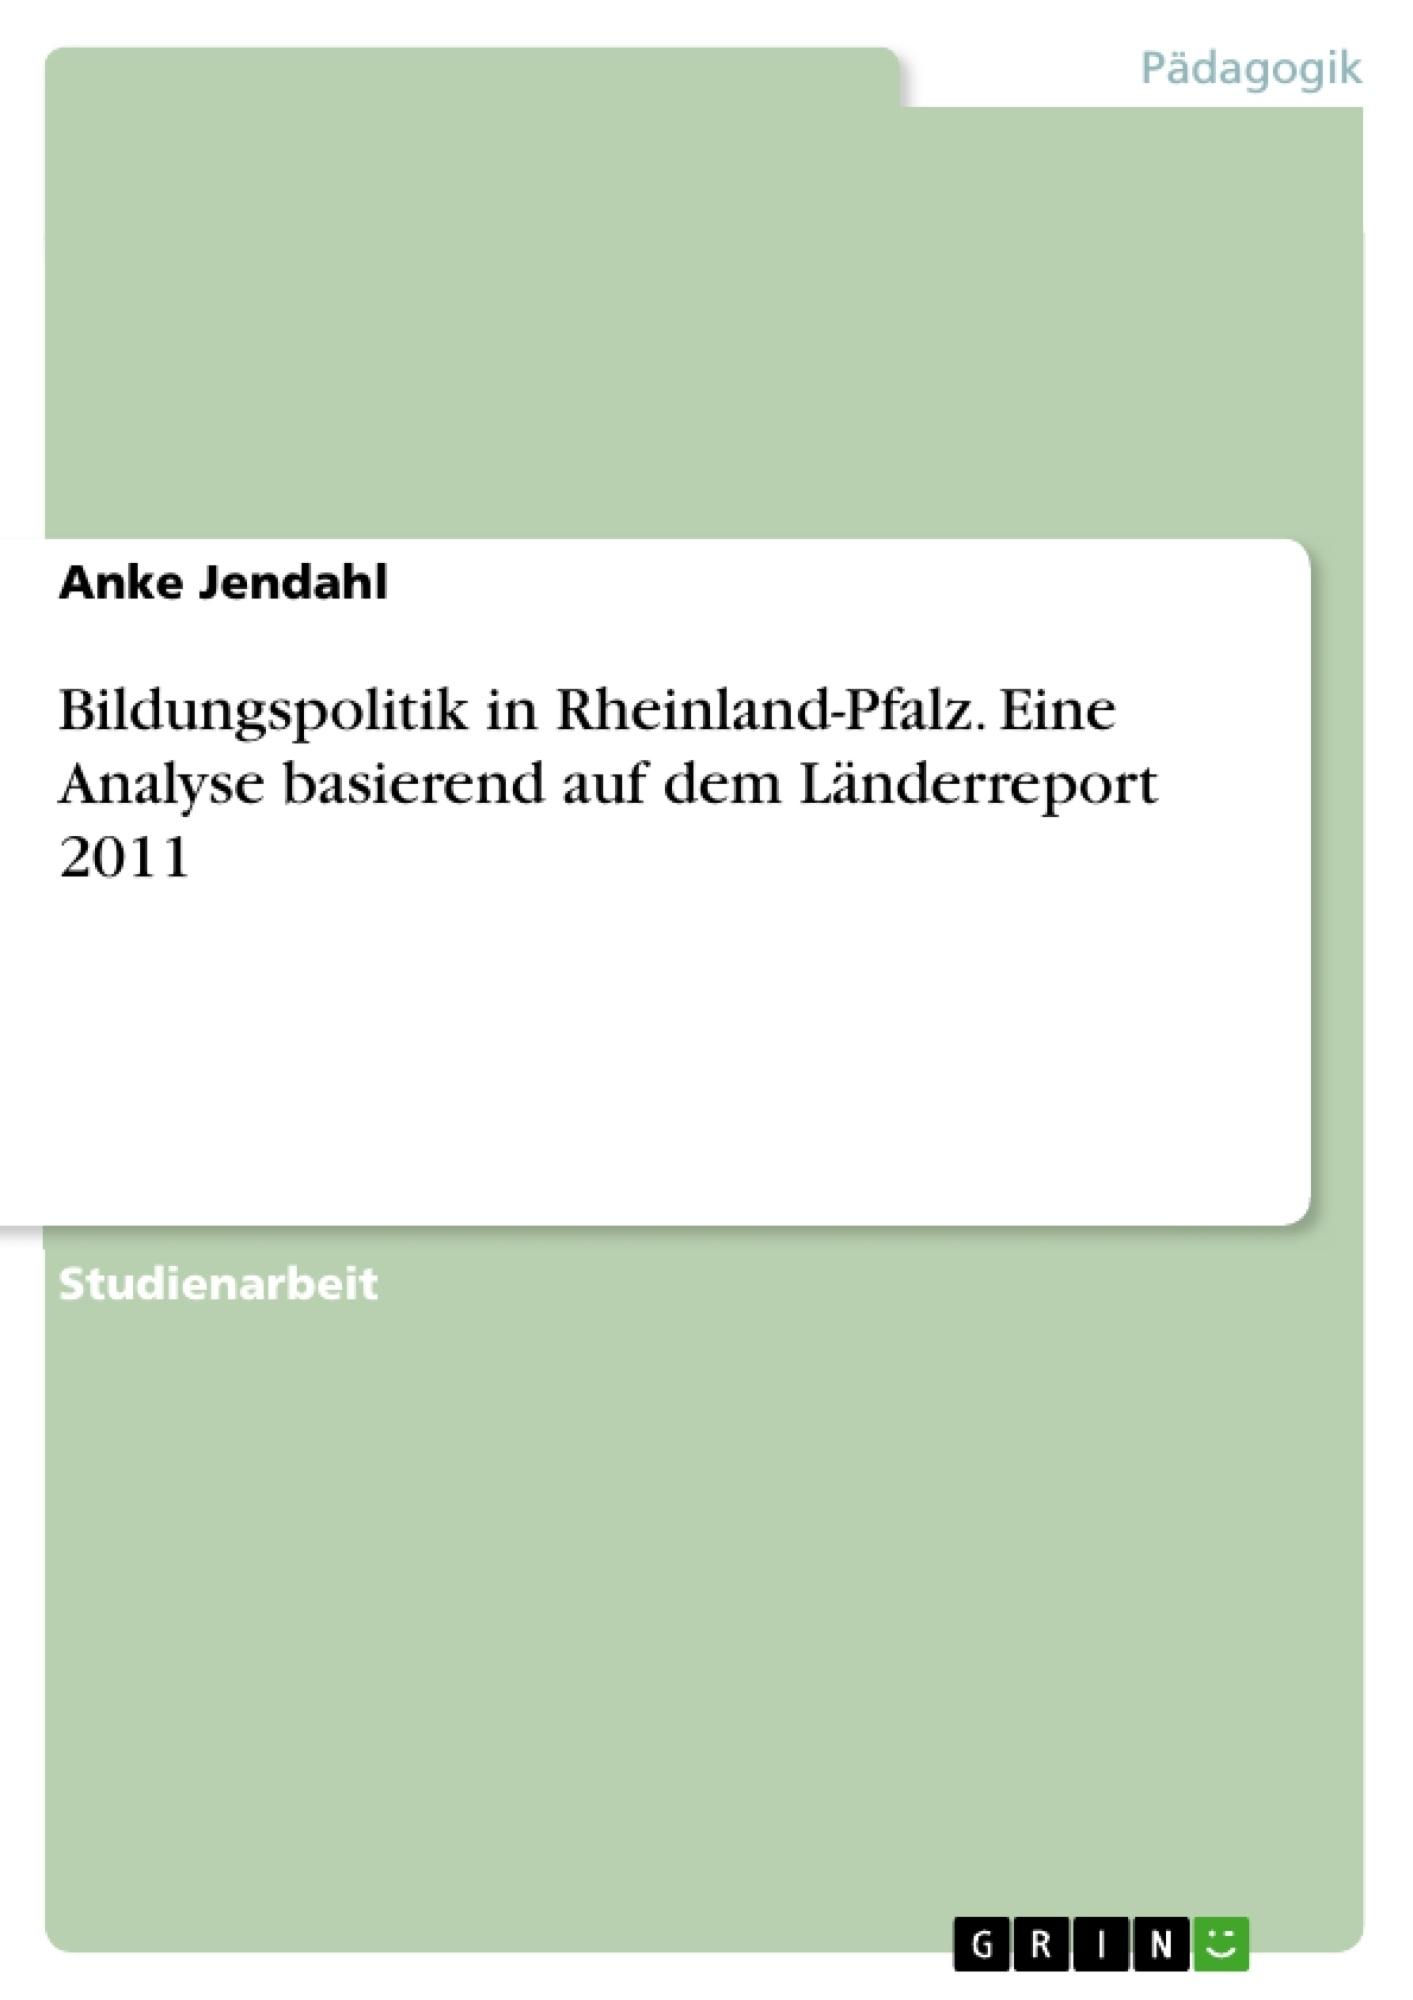 Titel: Bildungspolitik in Rheinland-Pfalz. Eine Analyse basierend auf dem Länderreport 2011